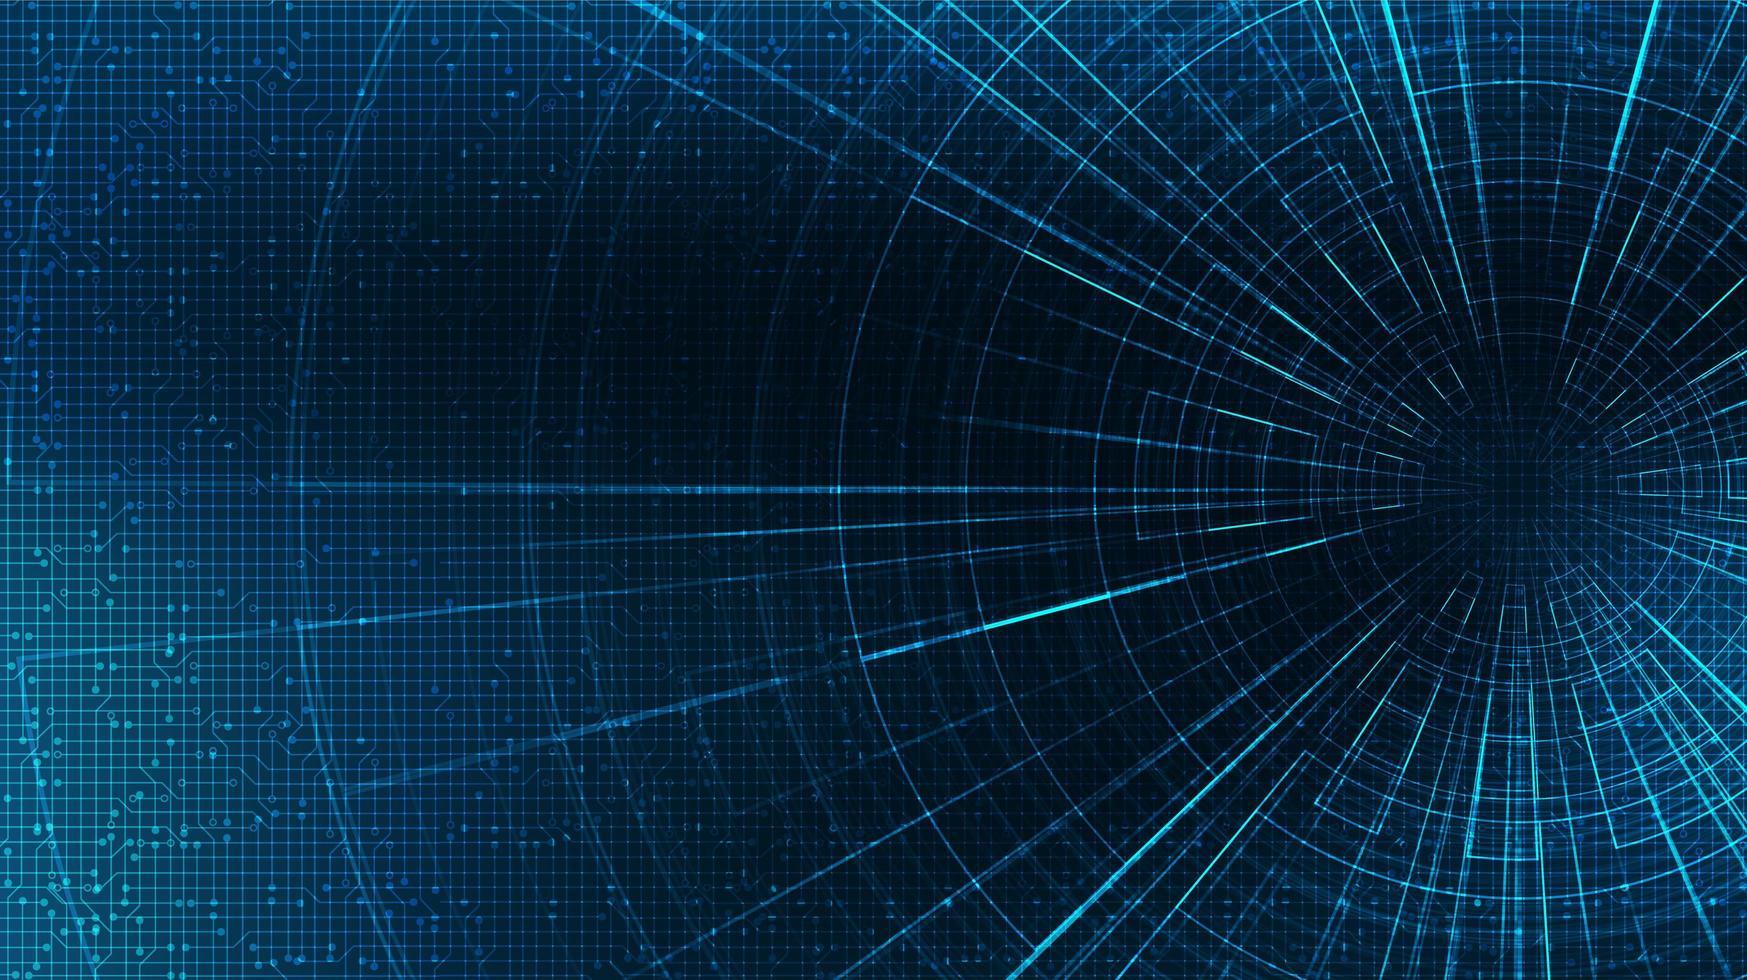 abstracte hyperspace-snelheidsbeweging op toekomstige technologieachtergrond, warp en uitbreidend bewegingsconcept, vectorillustratie. vector